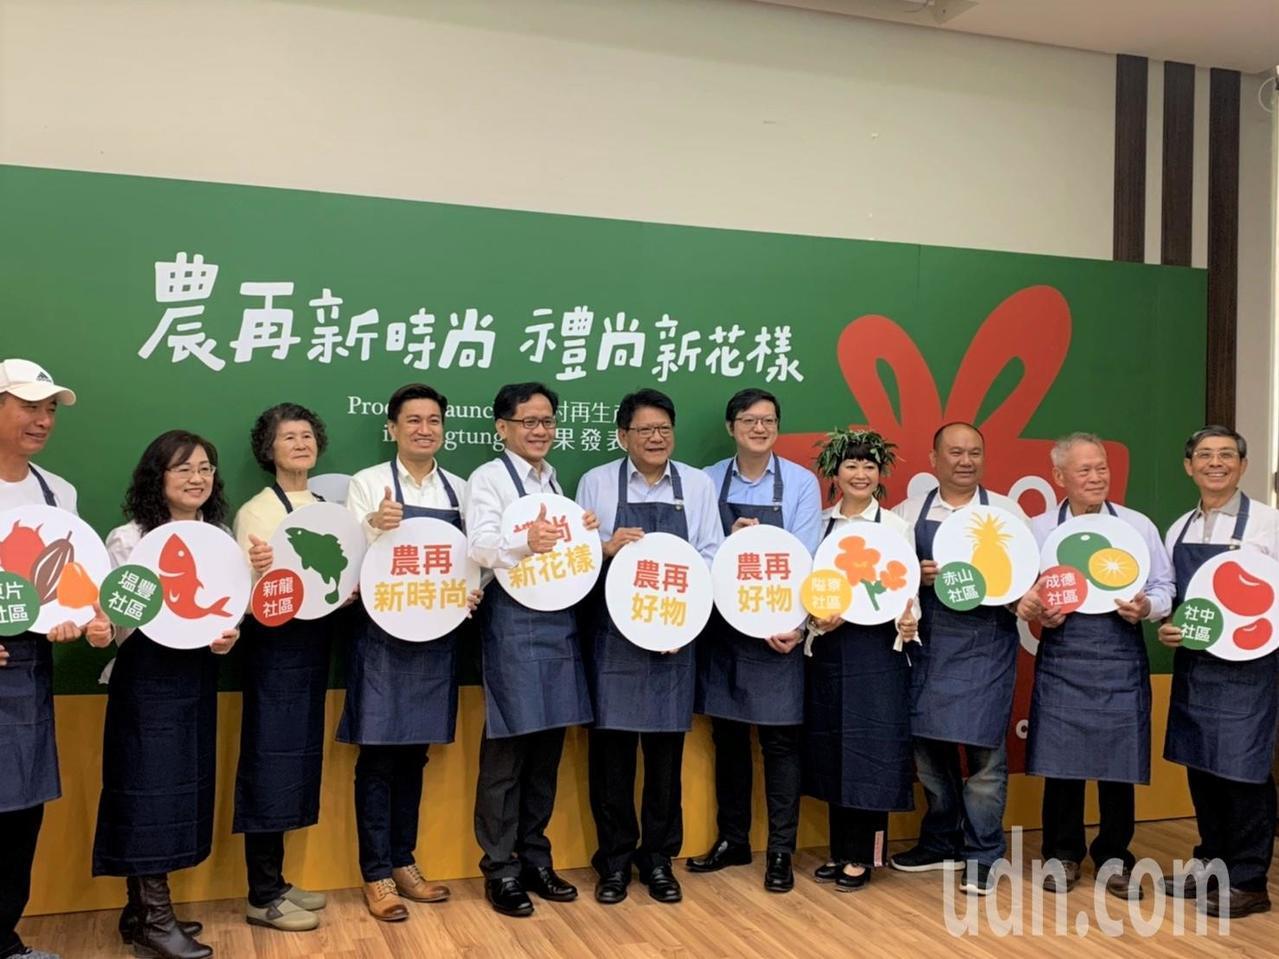 屏東縣政府農村再生辦公室成立3年多輔導67個社區,已有30個社區推出社區產品,有...